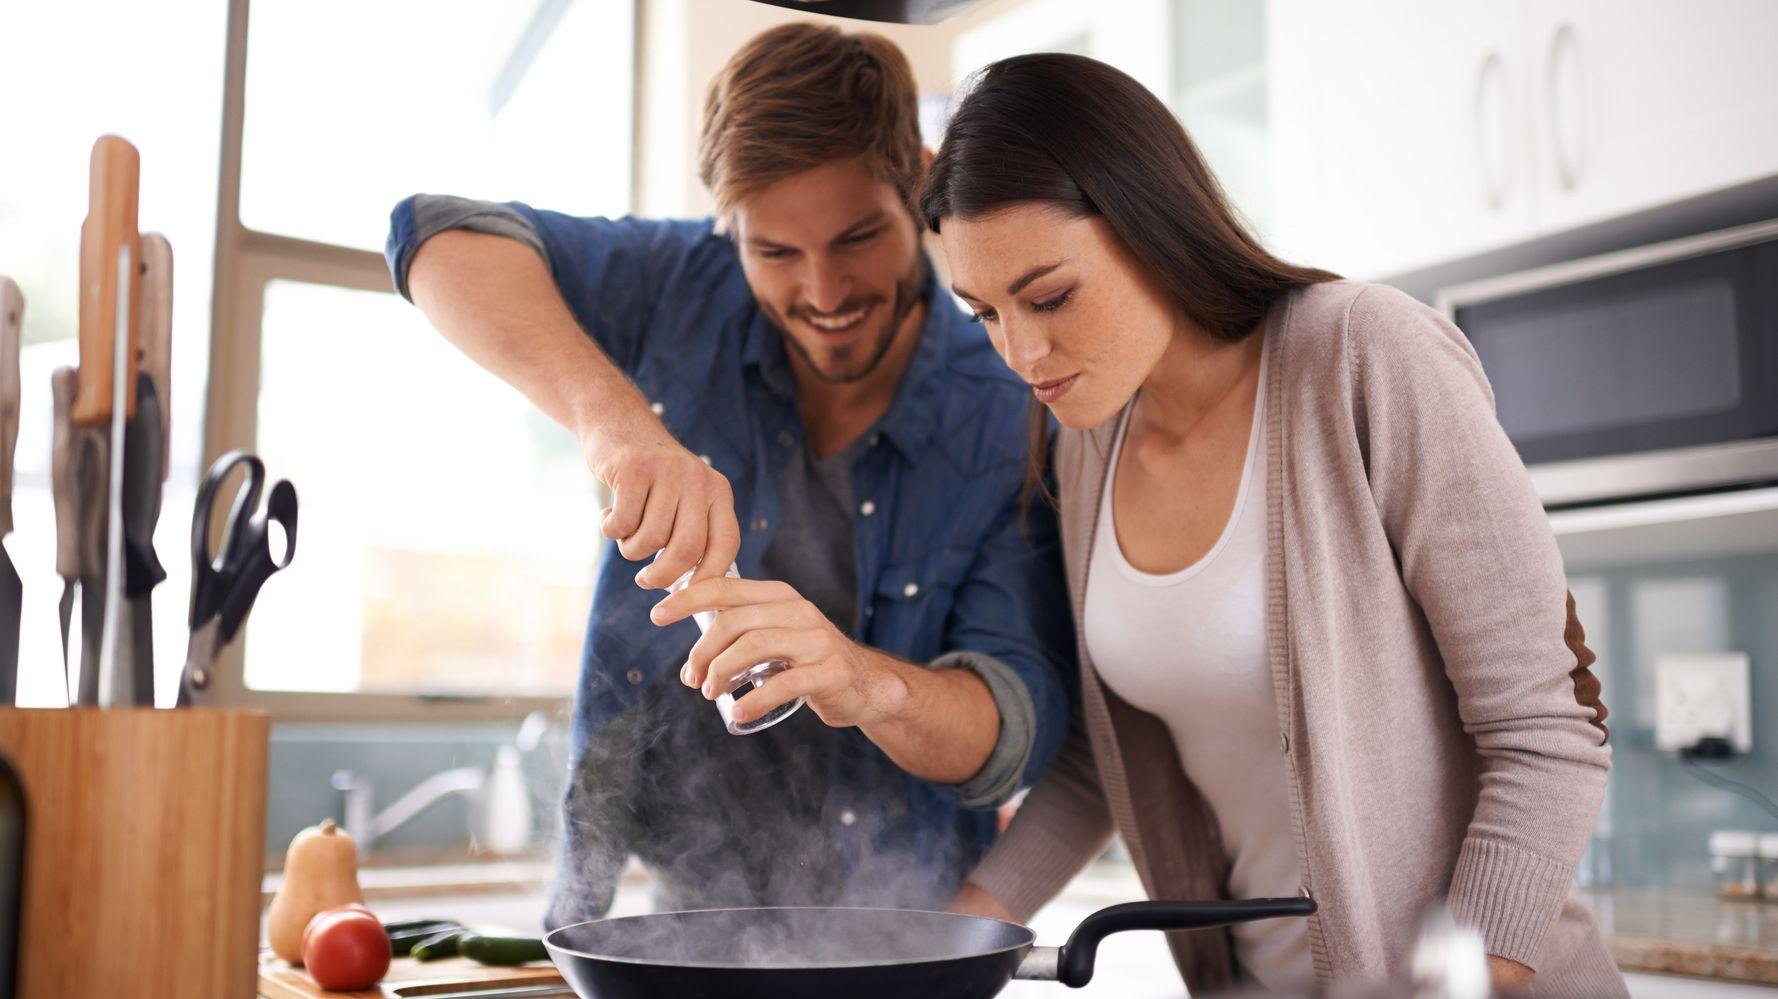 Idée Repas Pour Deux Amoureux que cuisiner pour séduire? ce témoignage à base de tinder et